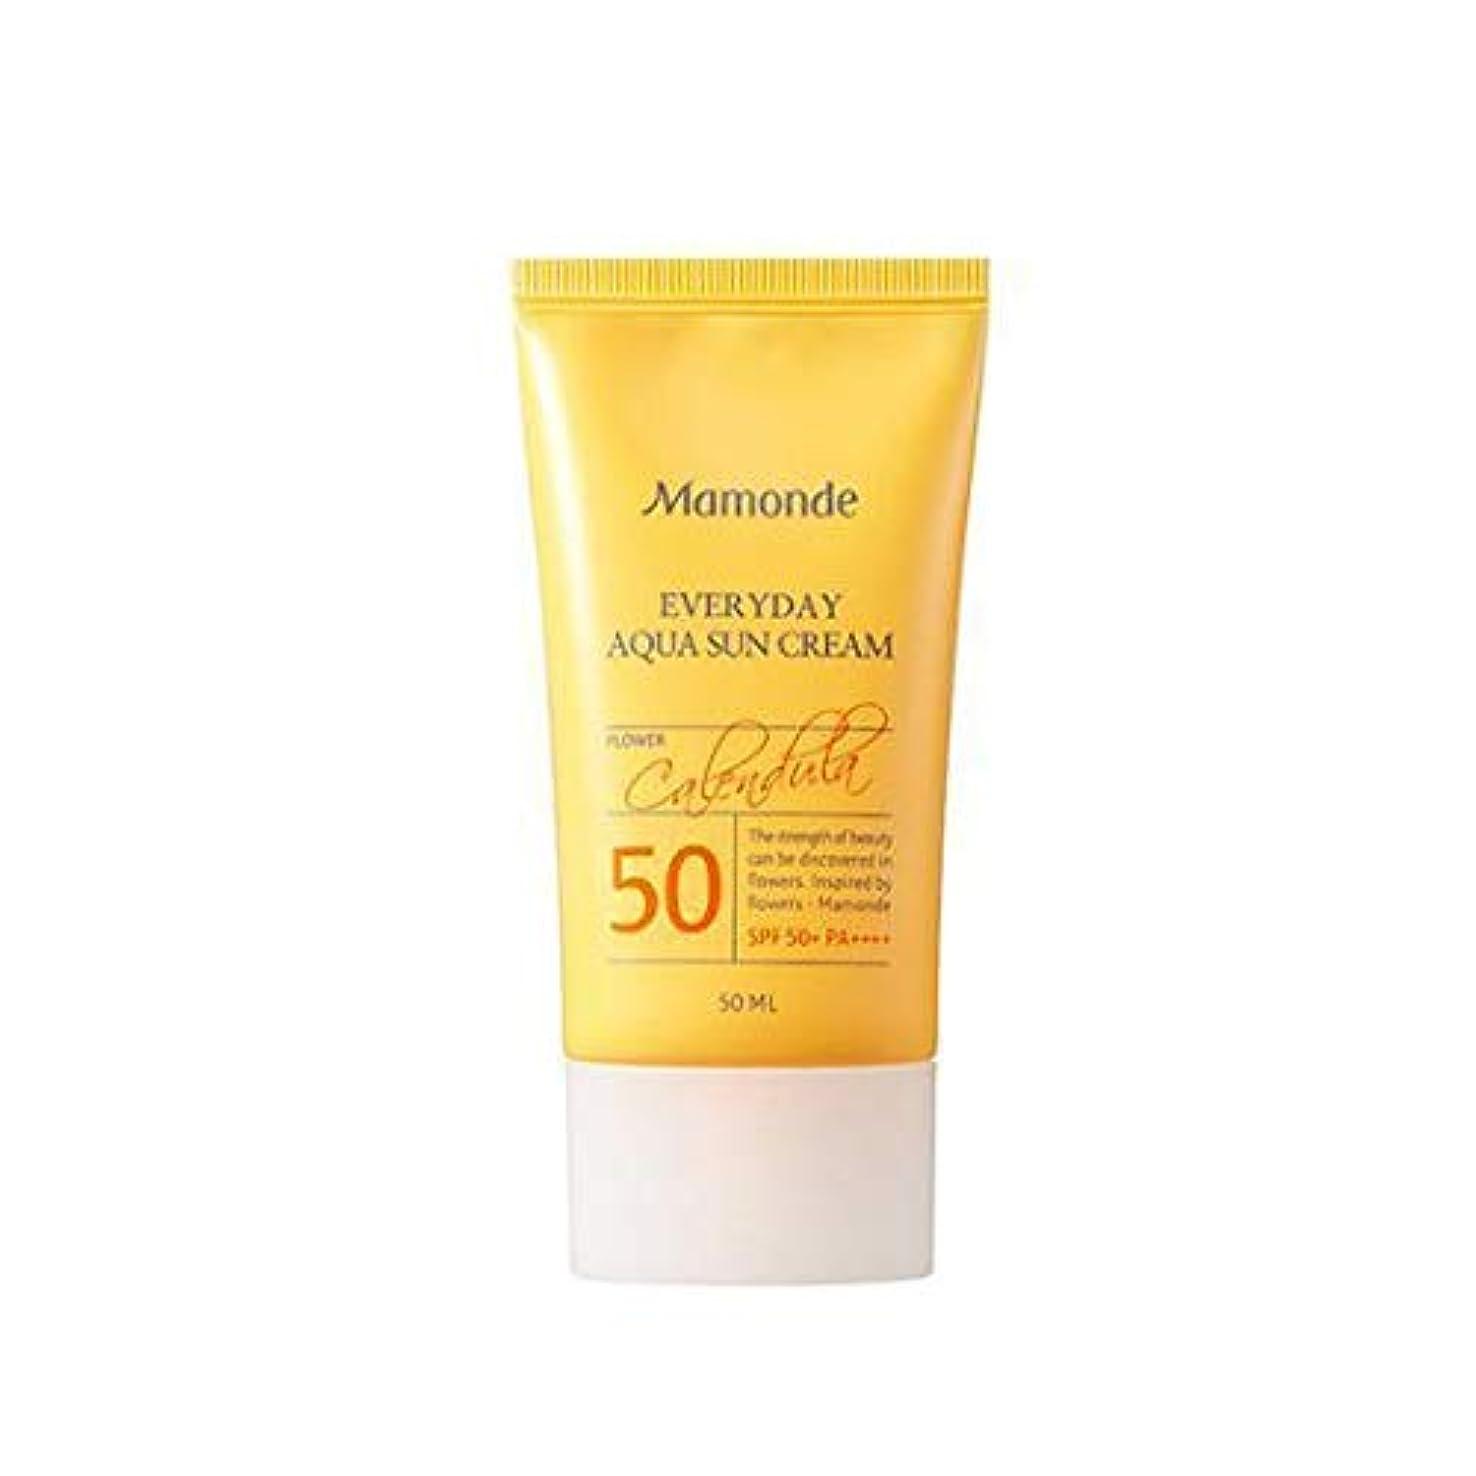 薄汚いアナニバー顎MAMONDE マモンド エブリデイアクアサンクリーム (50ml),SPF50+PA++++ Everyday Aqua Sun Cream 韓国日焼け止め